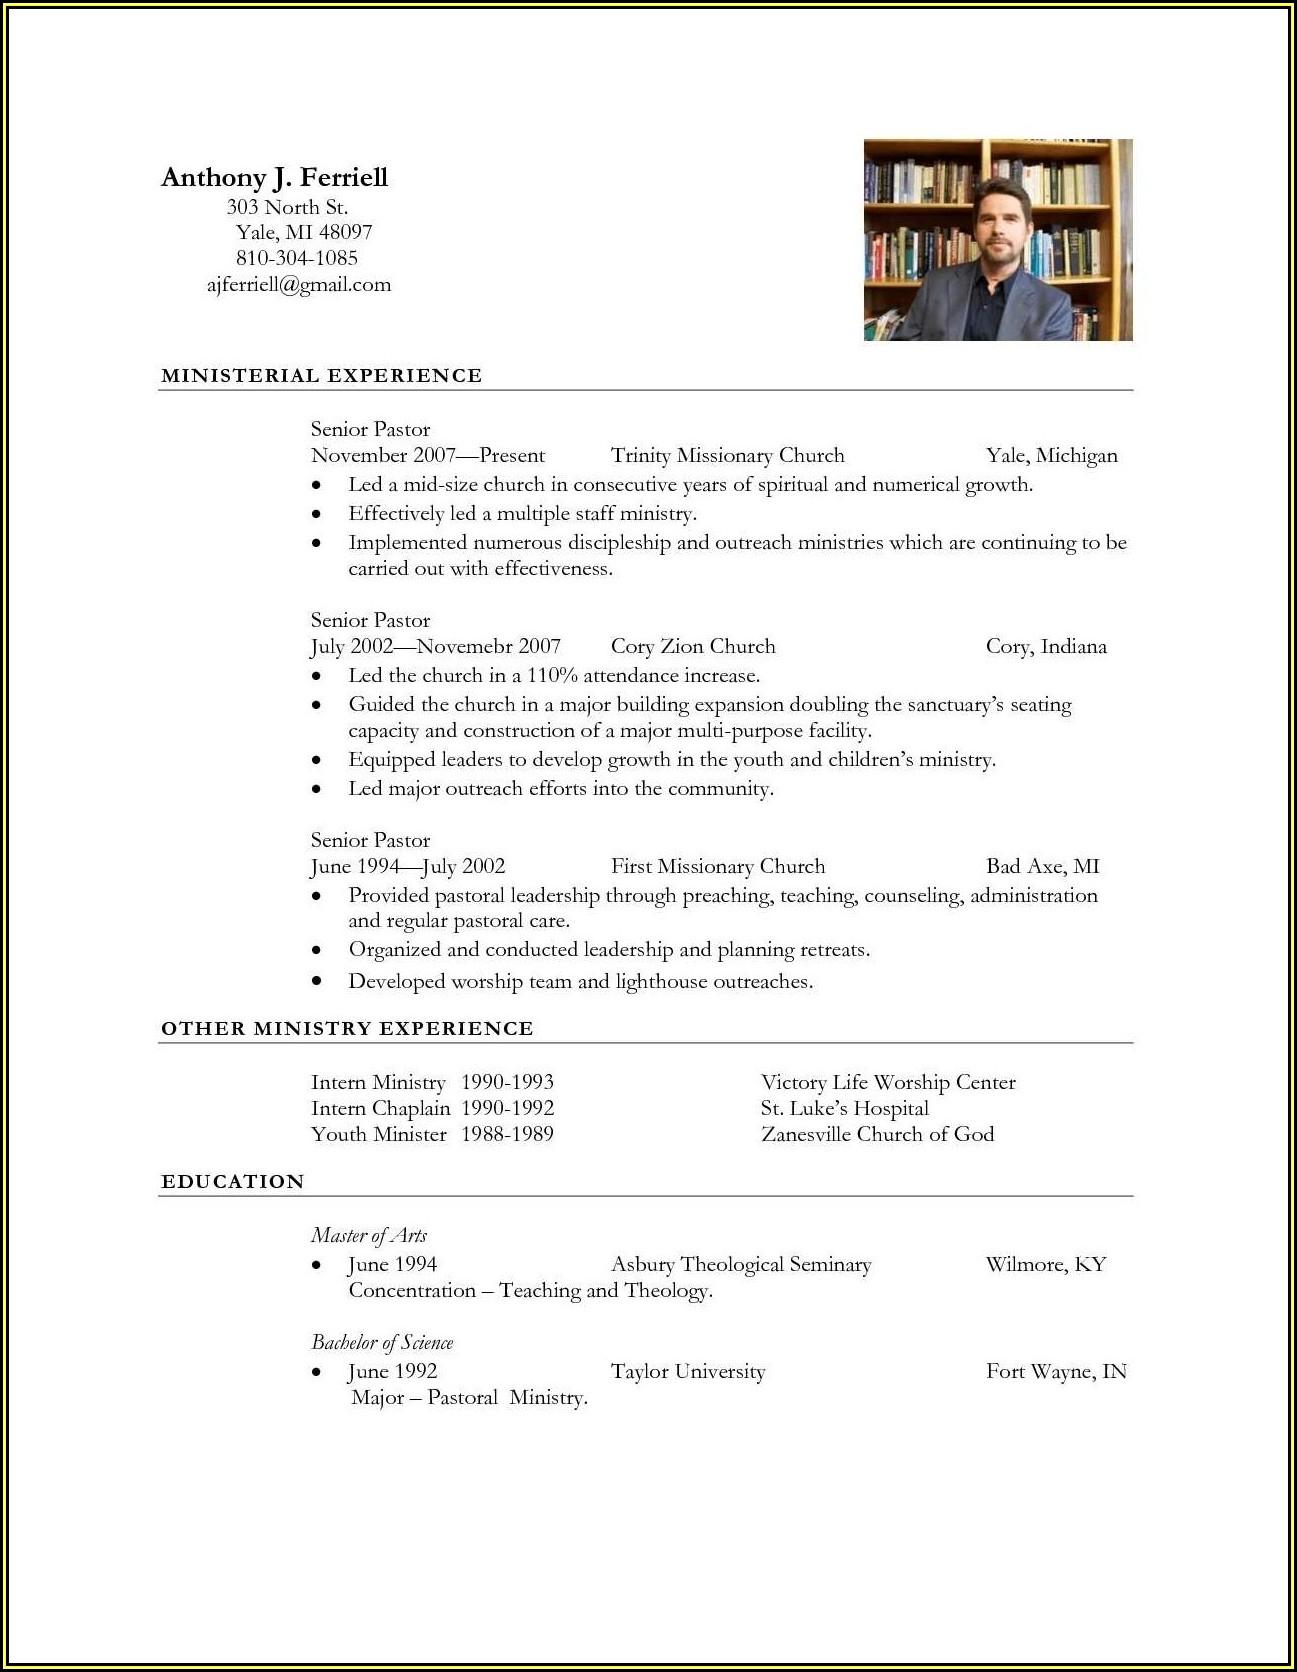 Best Resume Builder Sites Quora